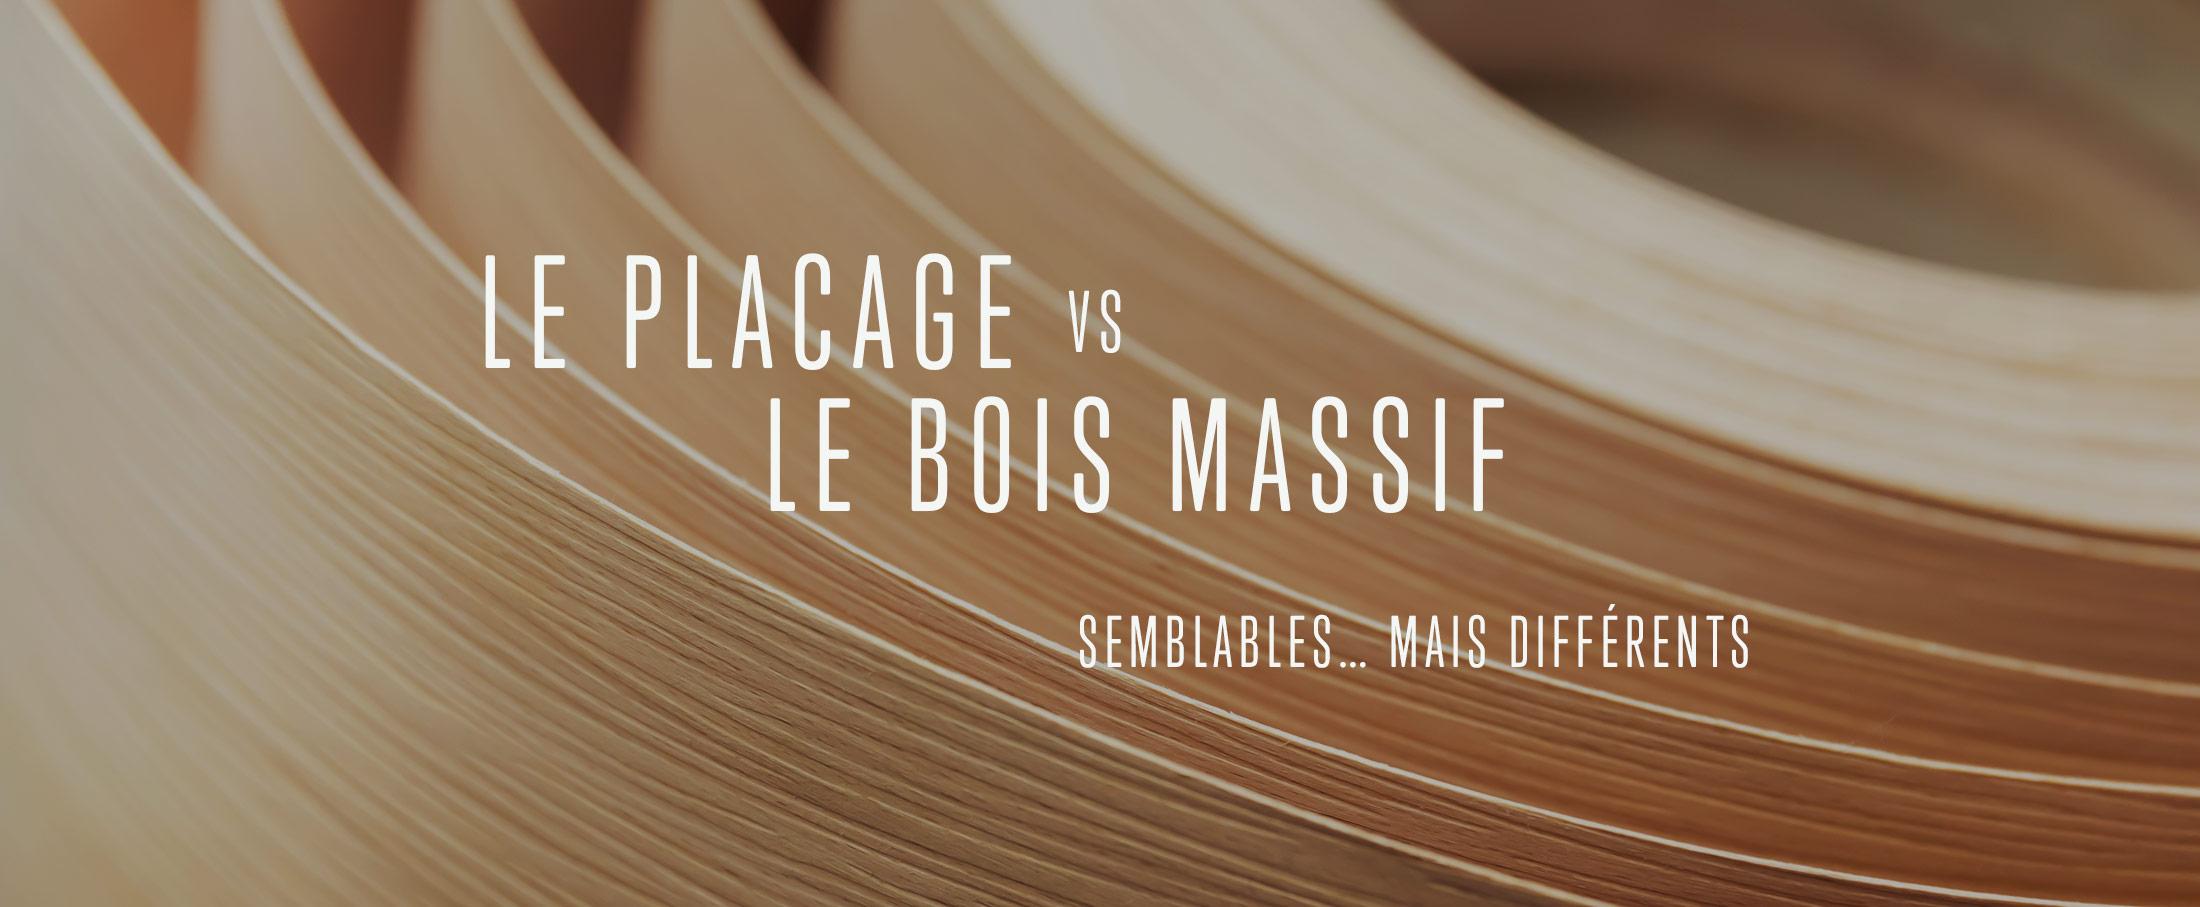 Placage vs Le Bois Massif